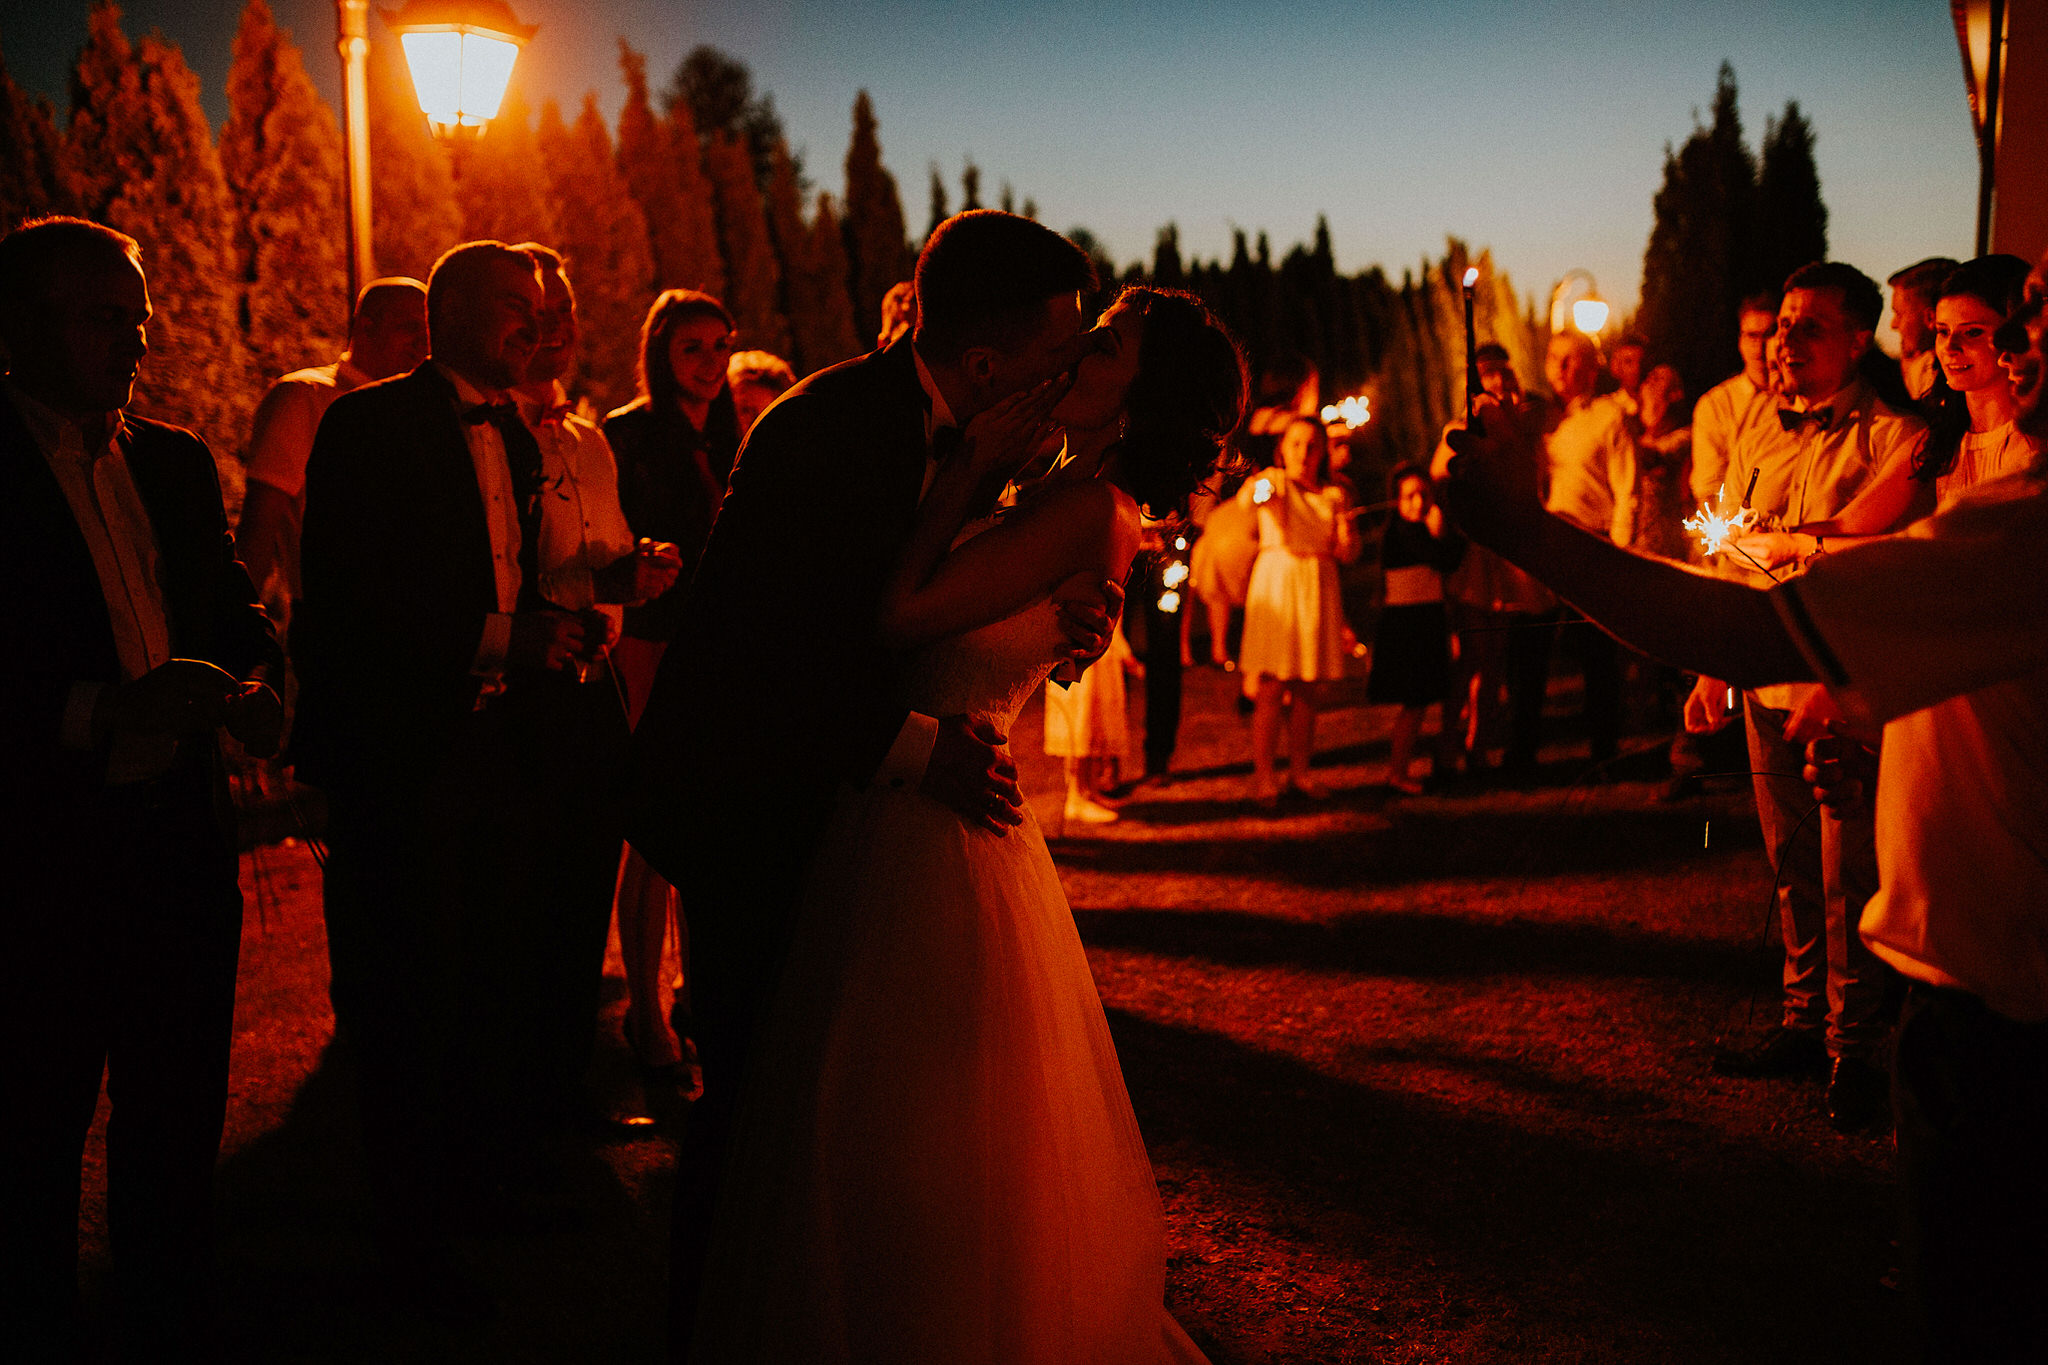 sandramarcin fotograf Karol Nycz www.karolnycz.com 524